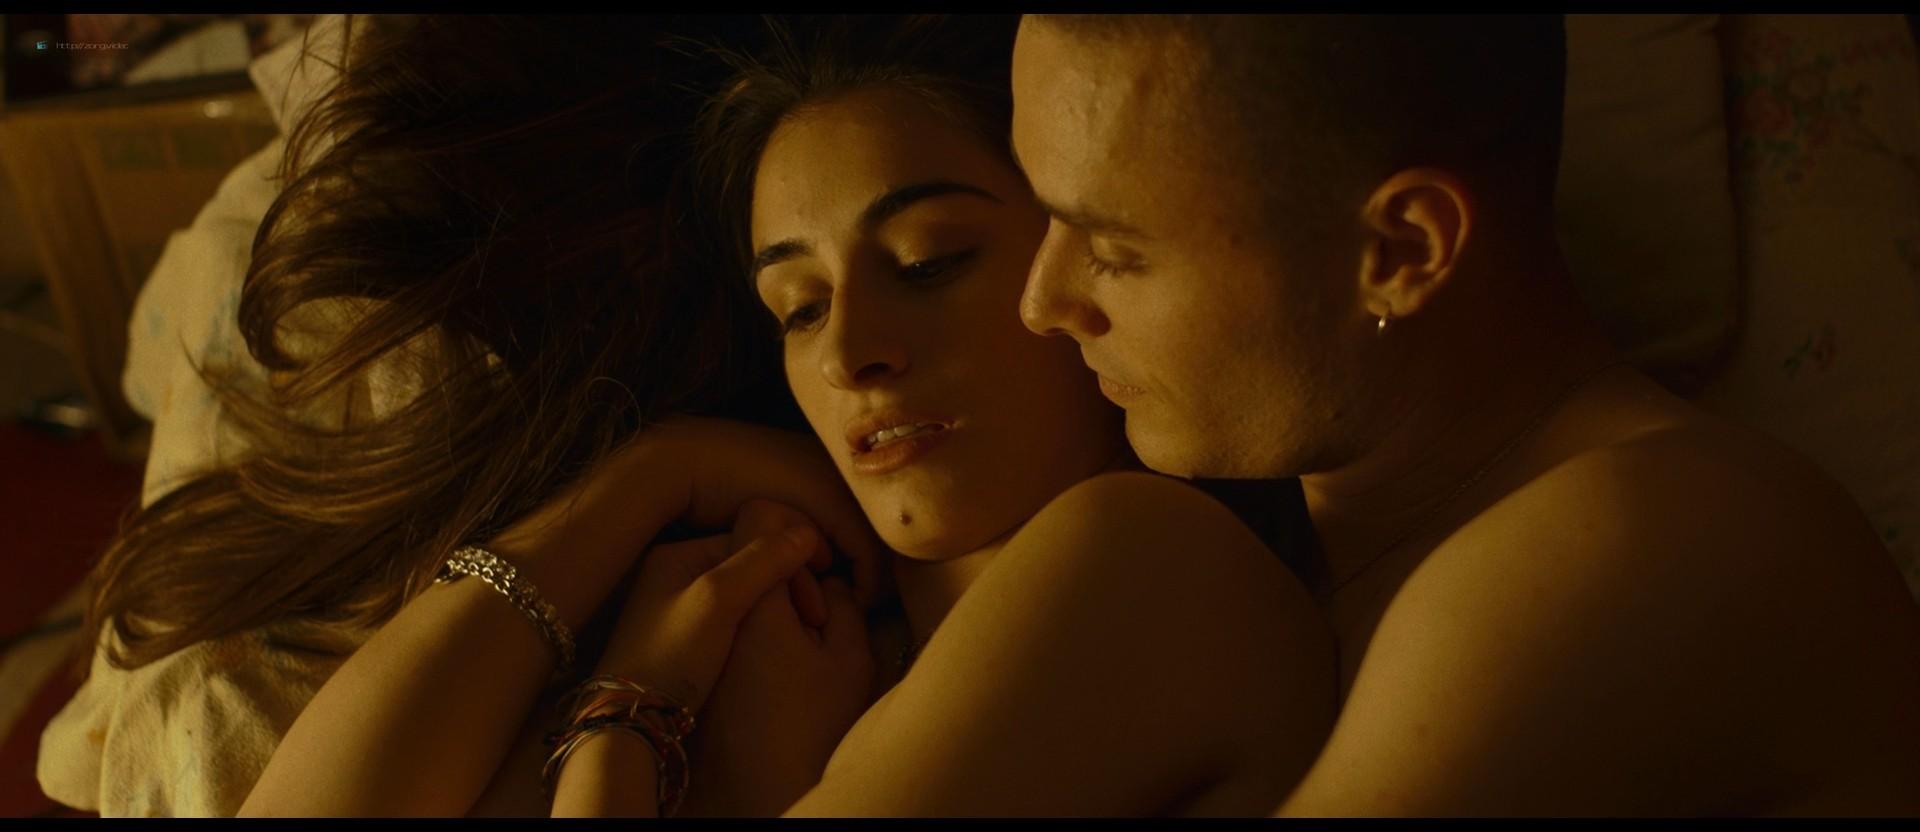 Michela De Rossi nude topless and hot sex - La Terra dell'abbastanza (IT-2018) HD 1080p BluRay (10)